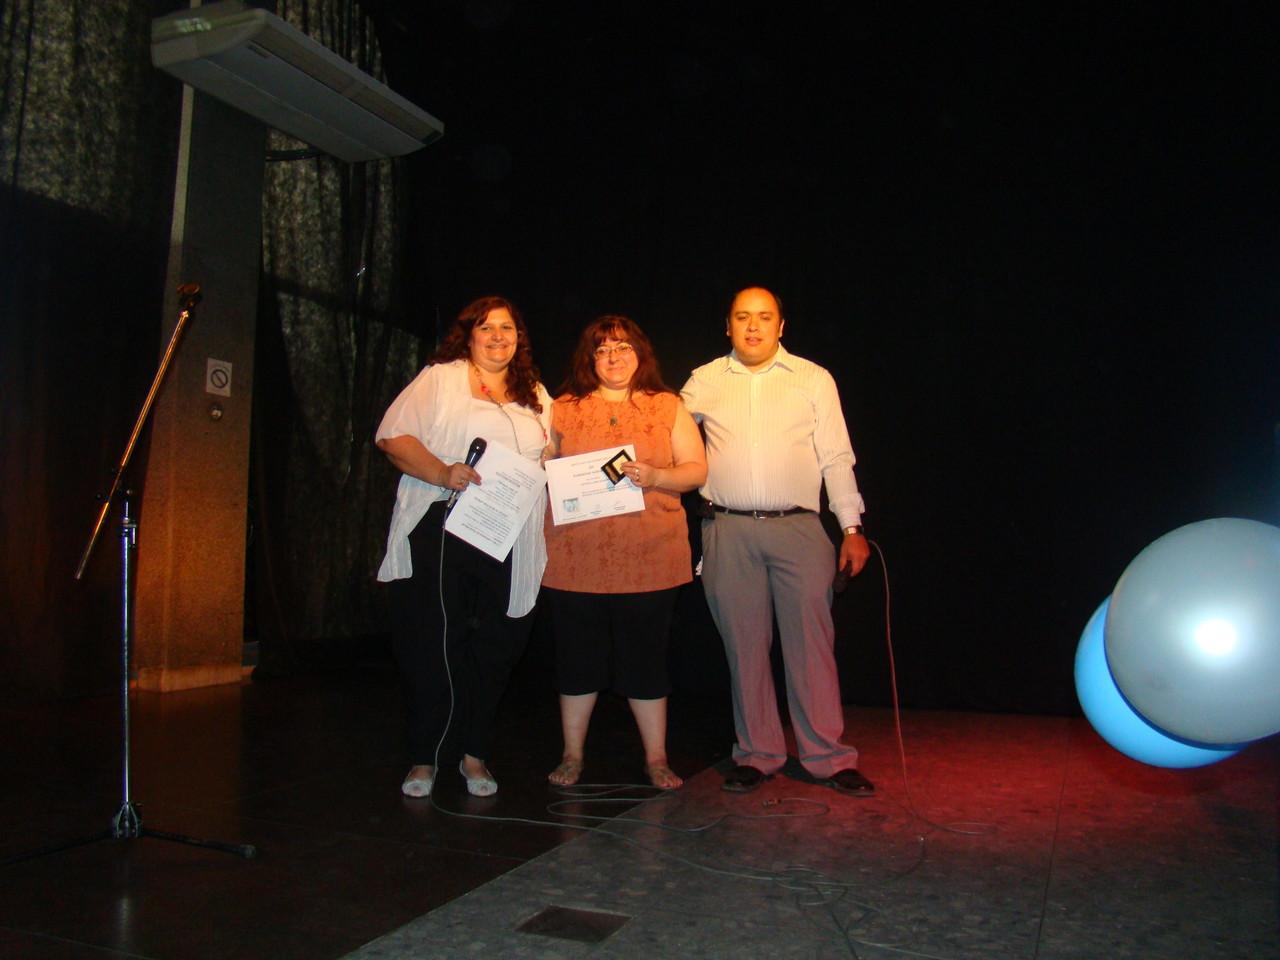 AGRADECIMIENTO A PATO LOPEZ, COLABORADORA Y AMIGA DE LA FUNDACION